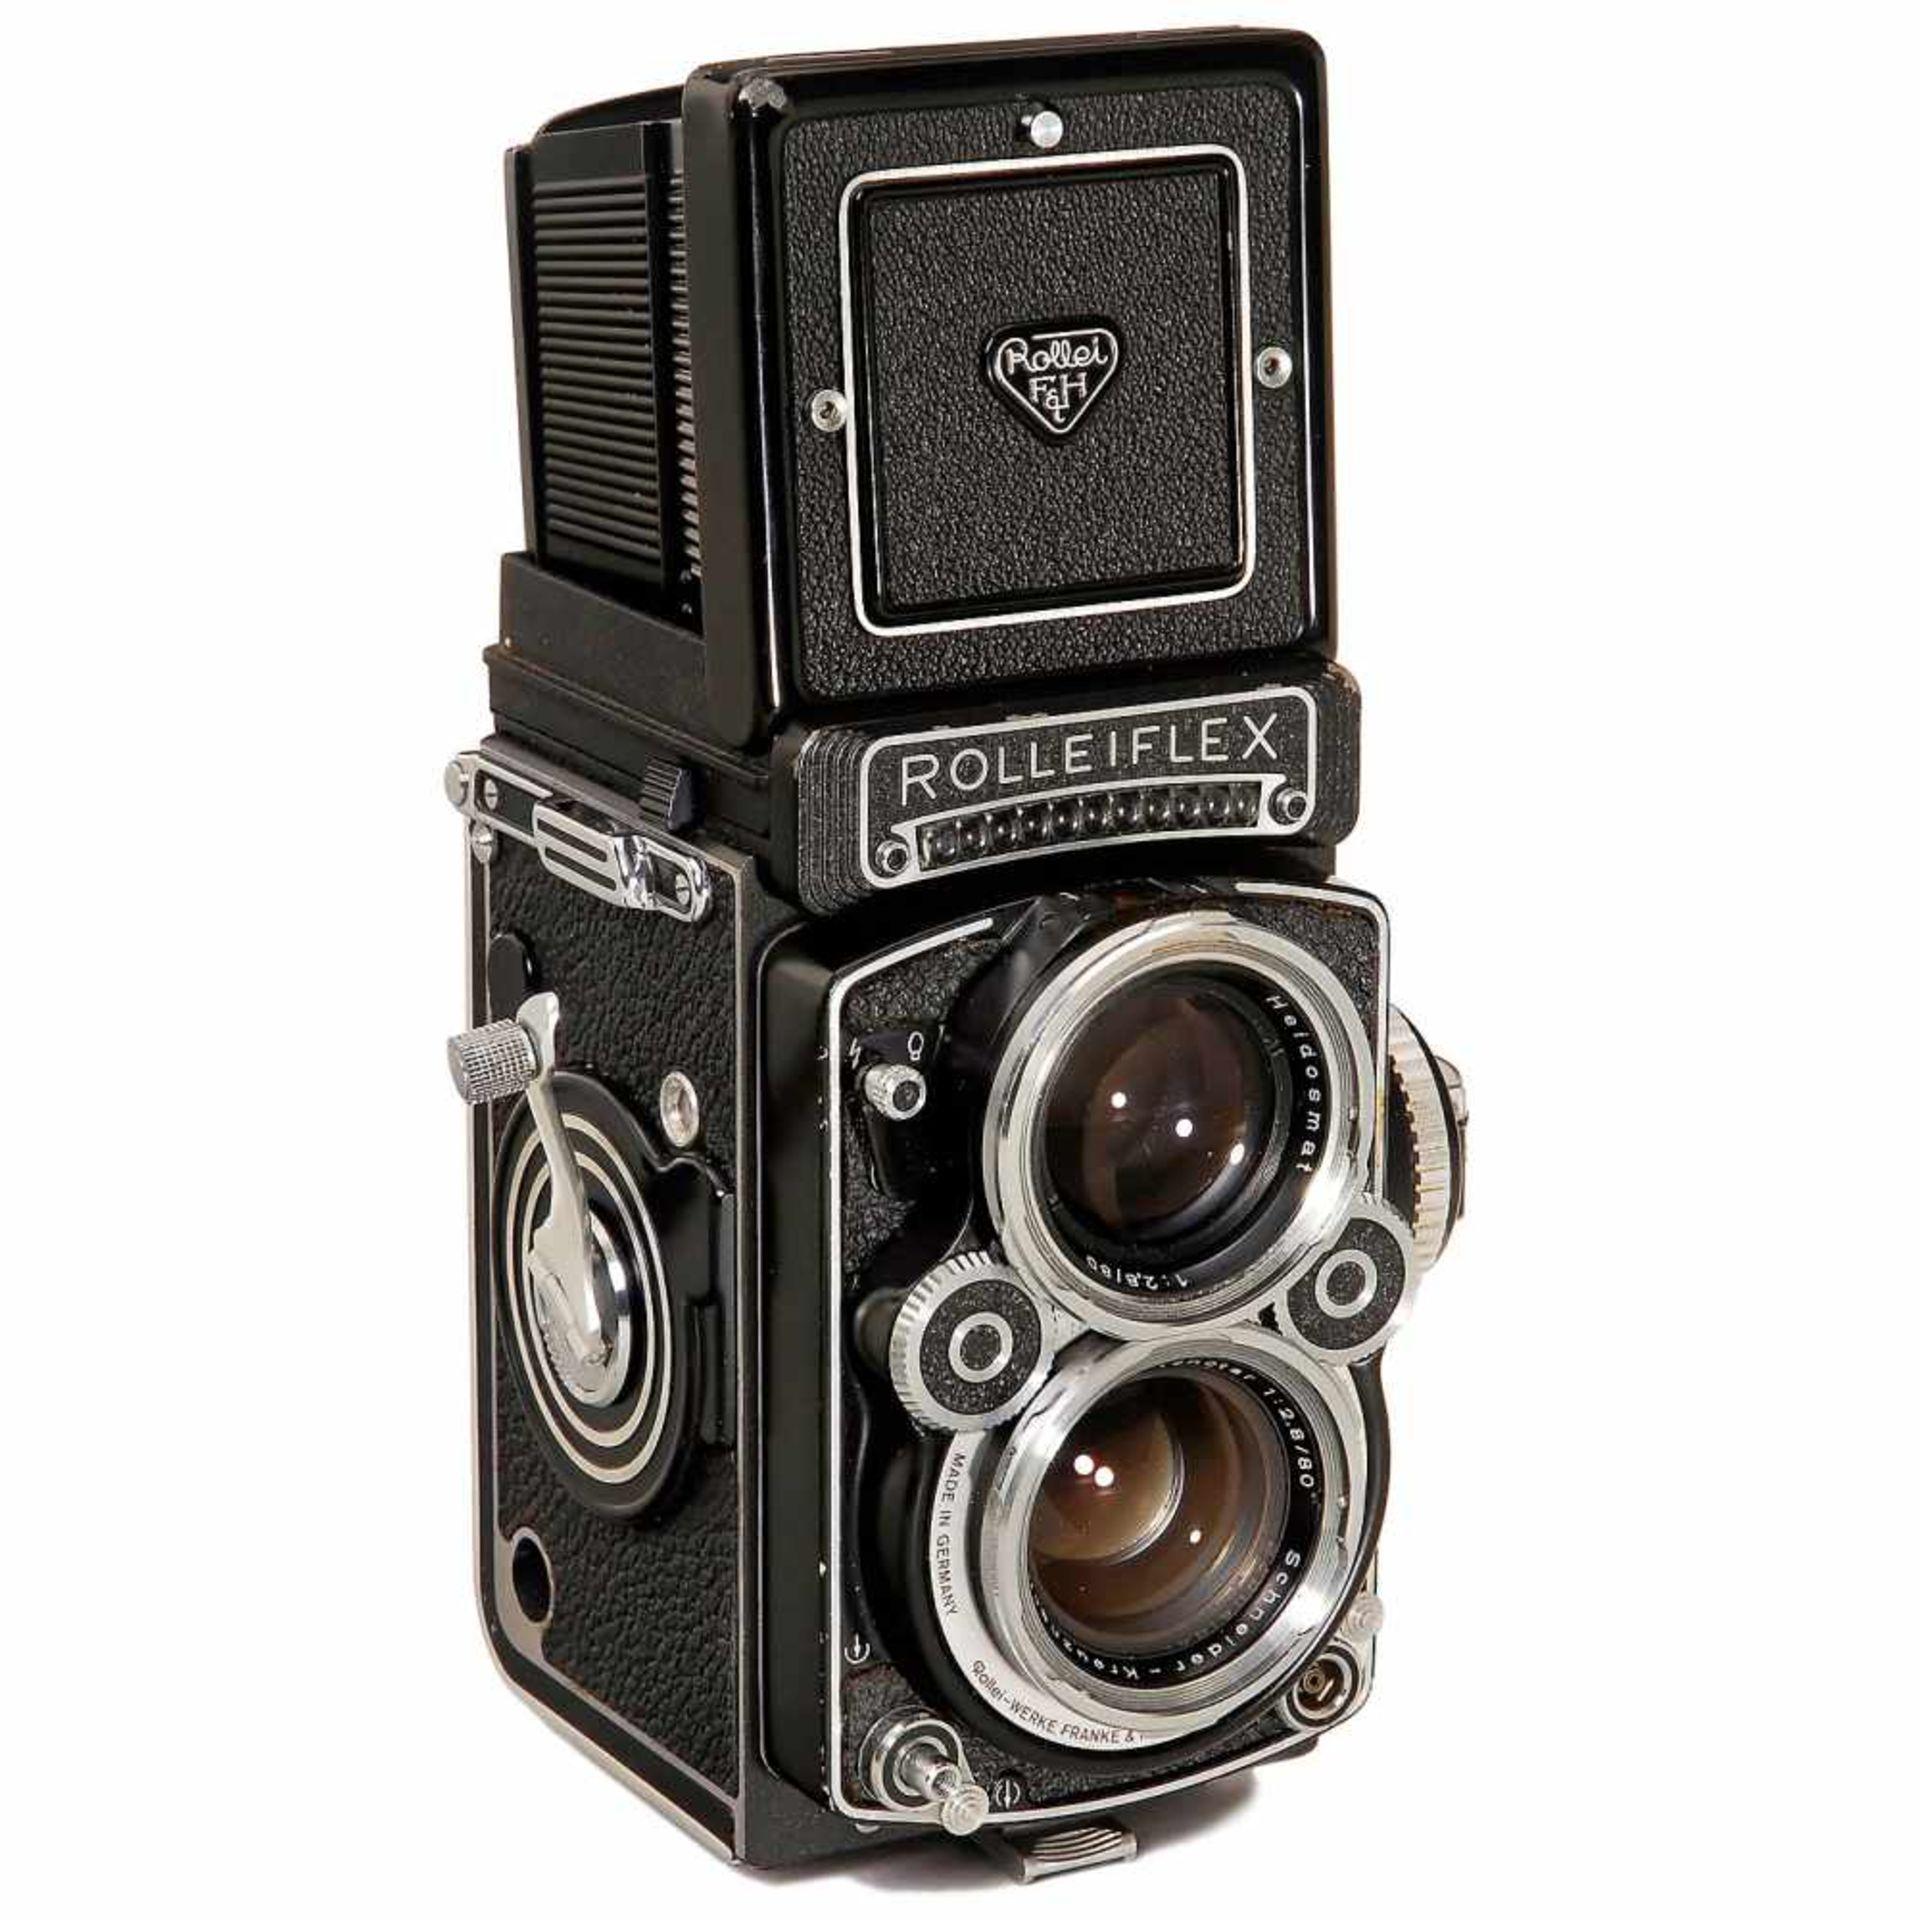 """Rolleiflex 2,8F (White Face) """"Xenotar 2,8"""", 1981Franke & Heidecke, Braunschweig. No. 2,8 F"""